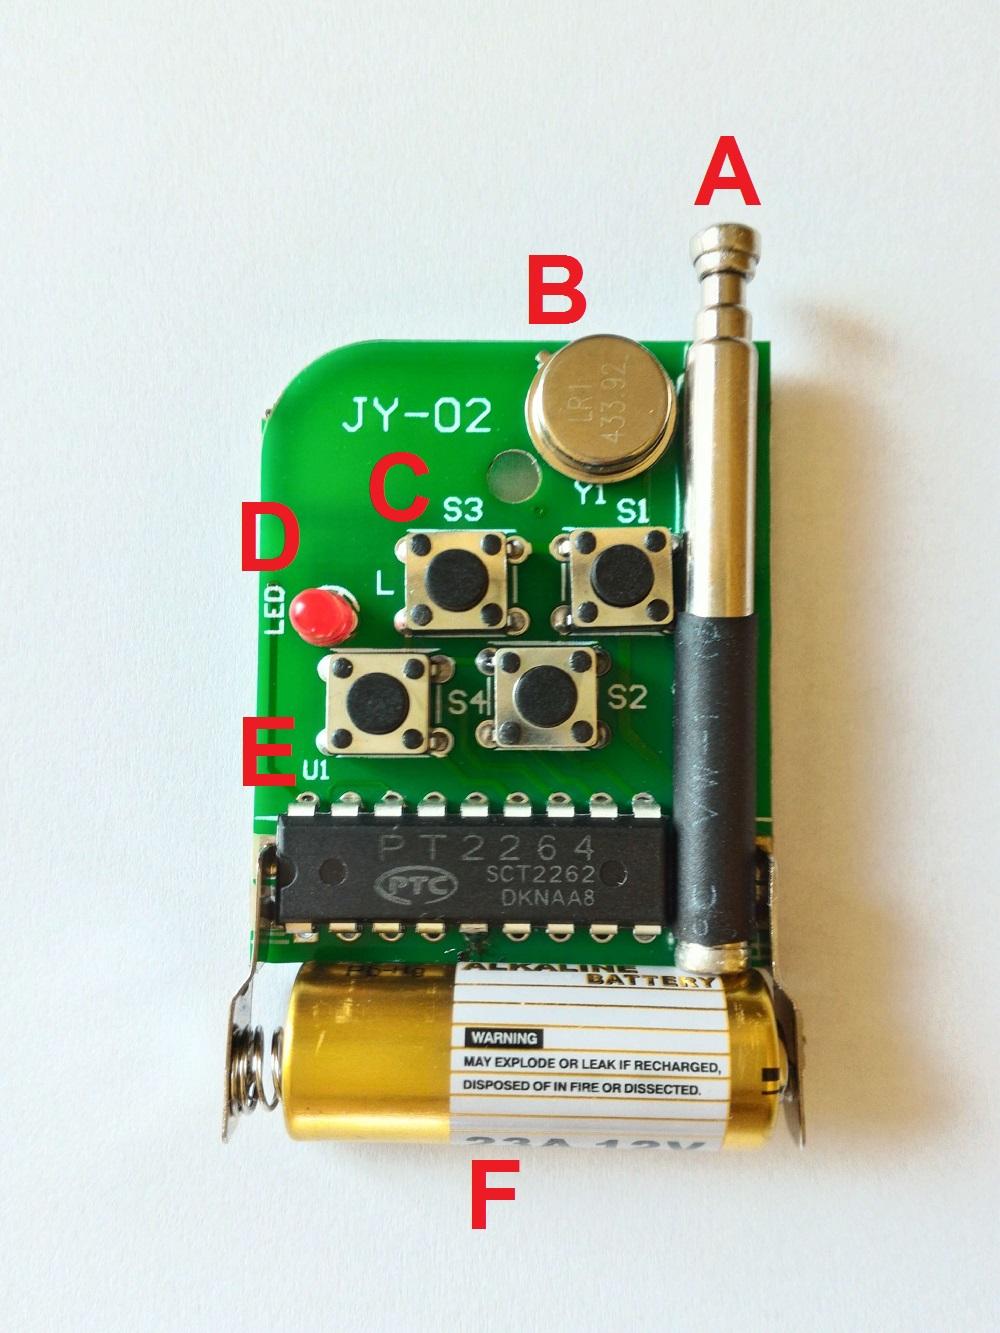 img01_utilizando_controle_remoto_rf_e_receptor_rf_433_315_mhz_arduino_pisca_piscando_led